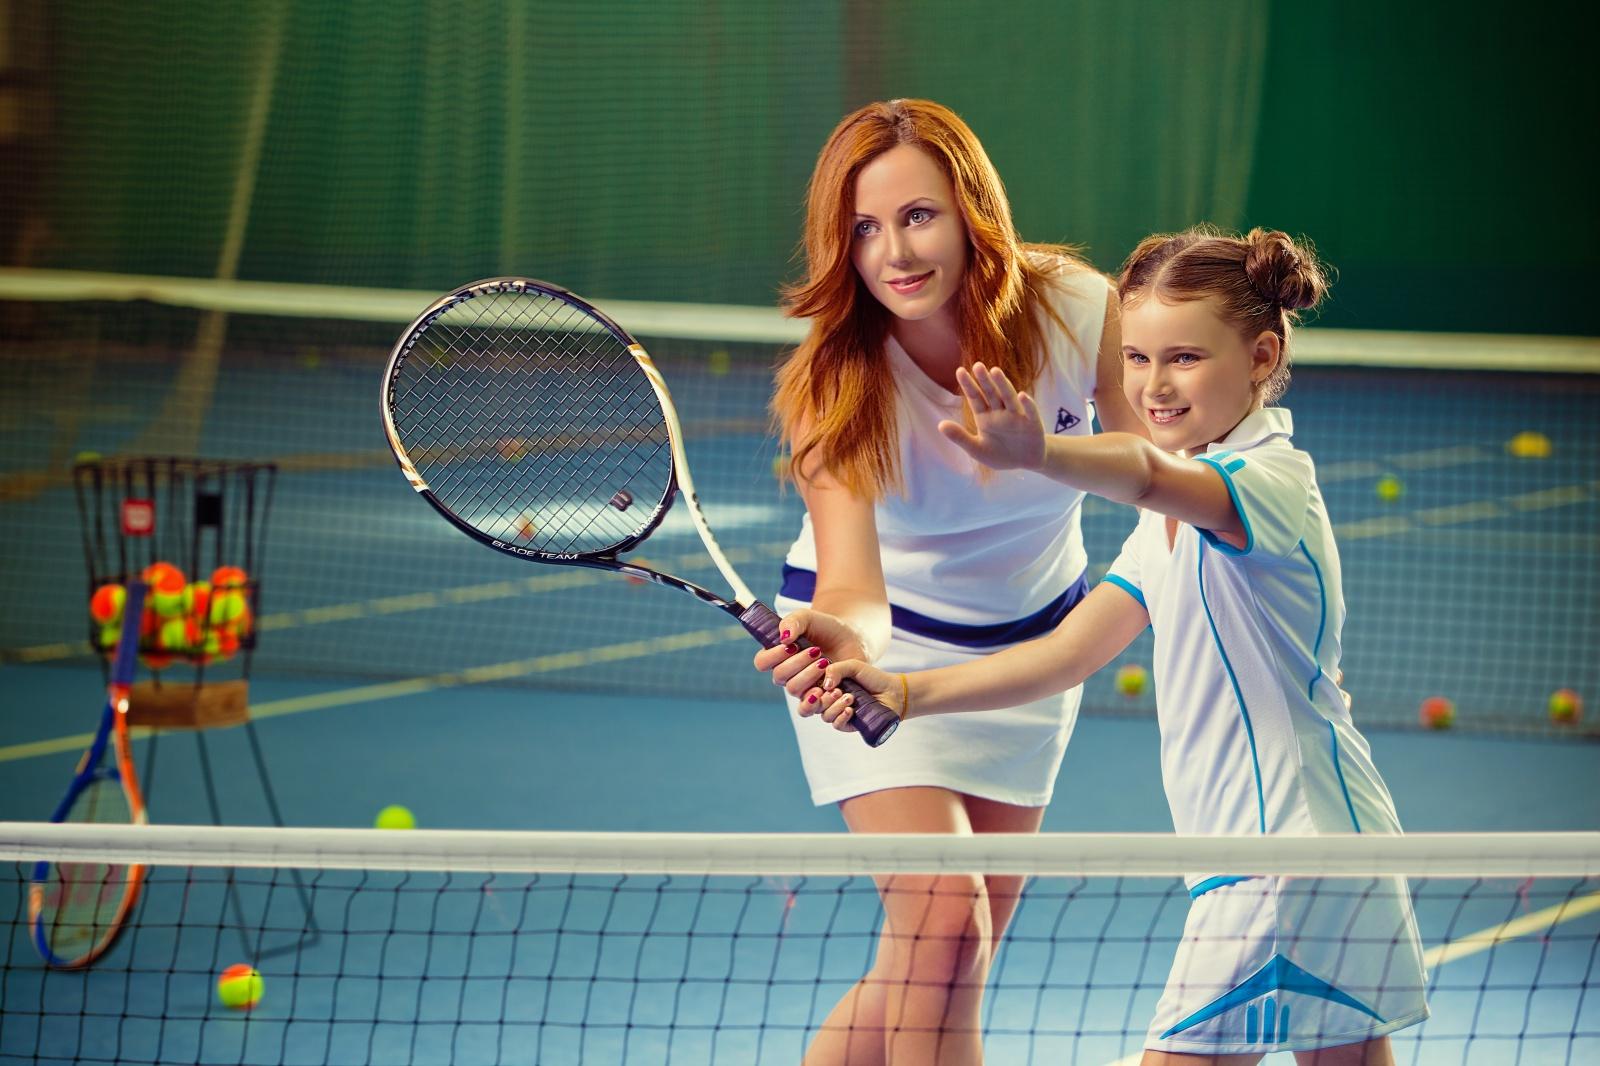 На каких рынках в теннисе самая низкая маржа